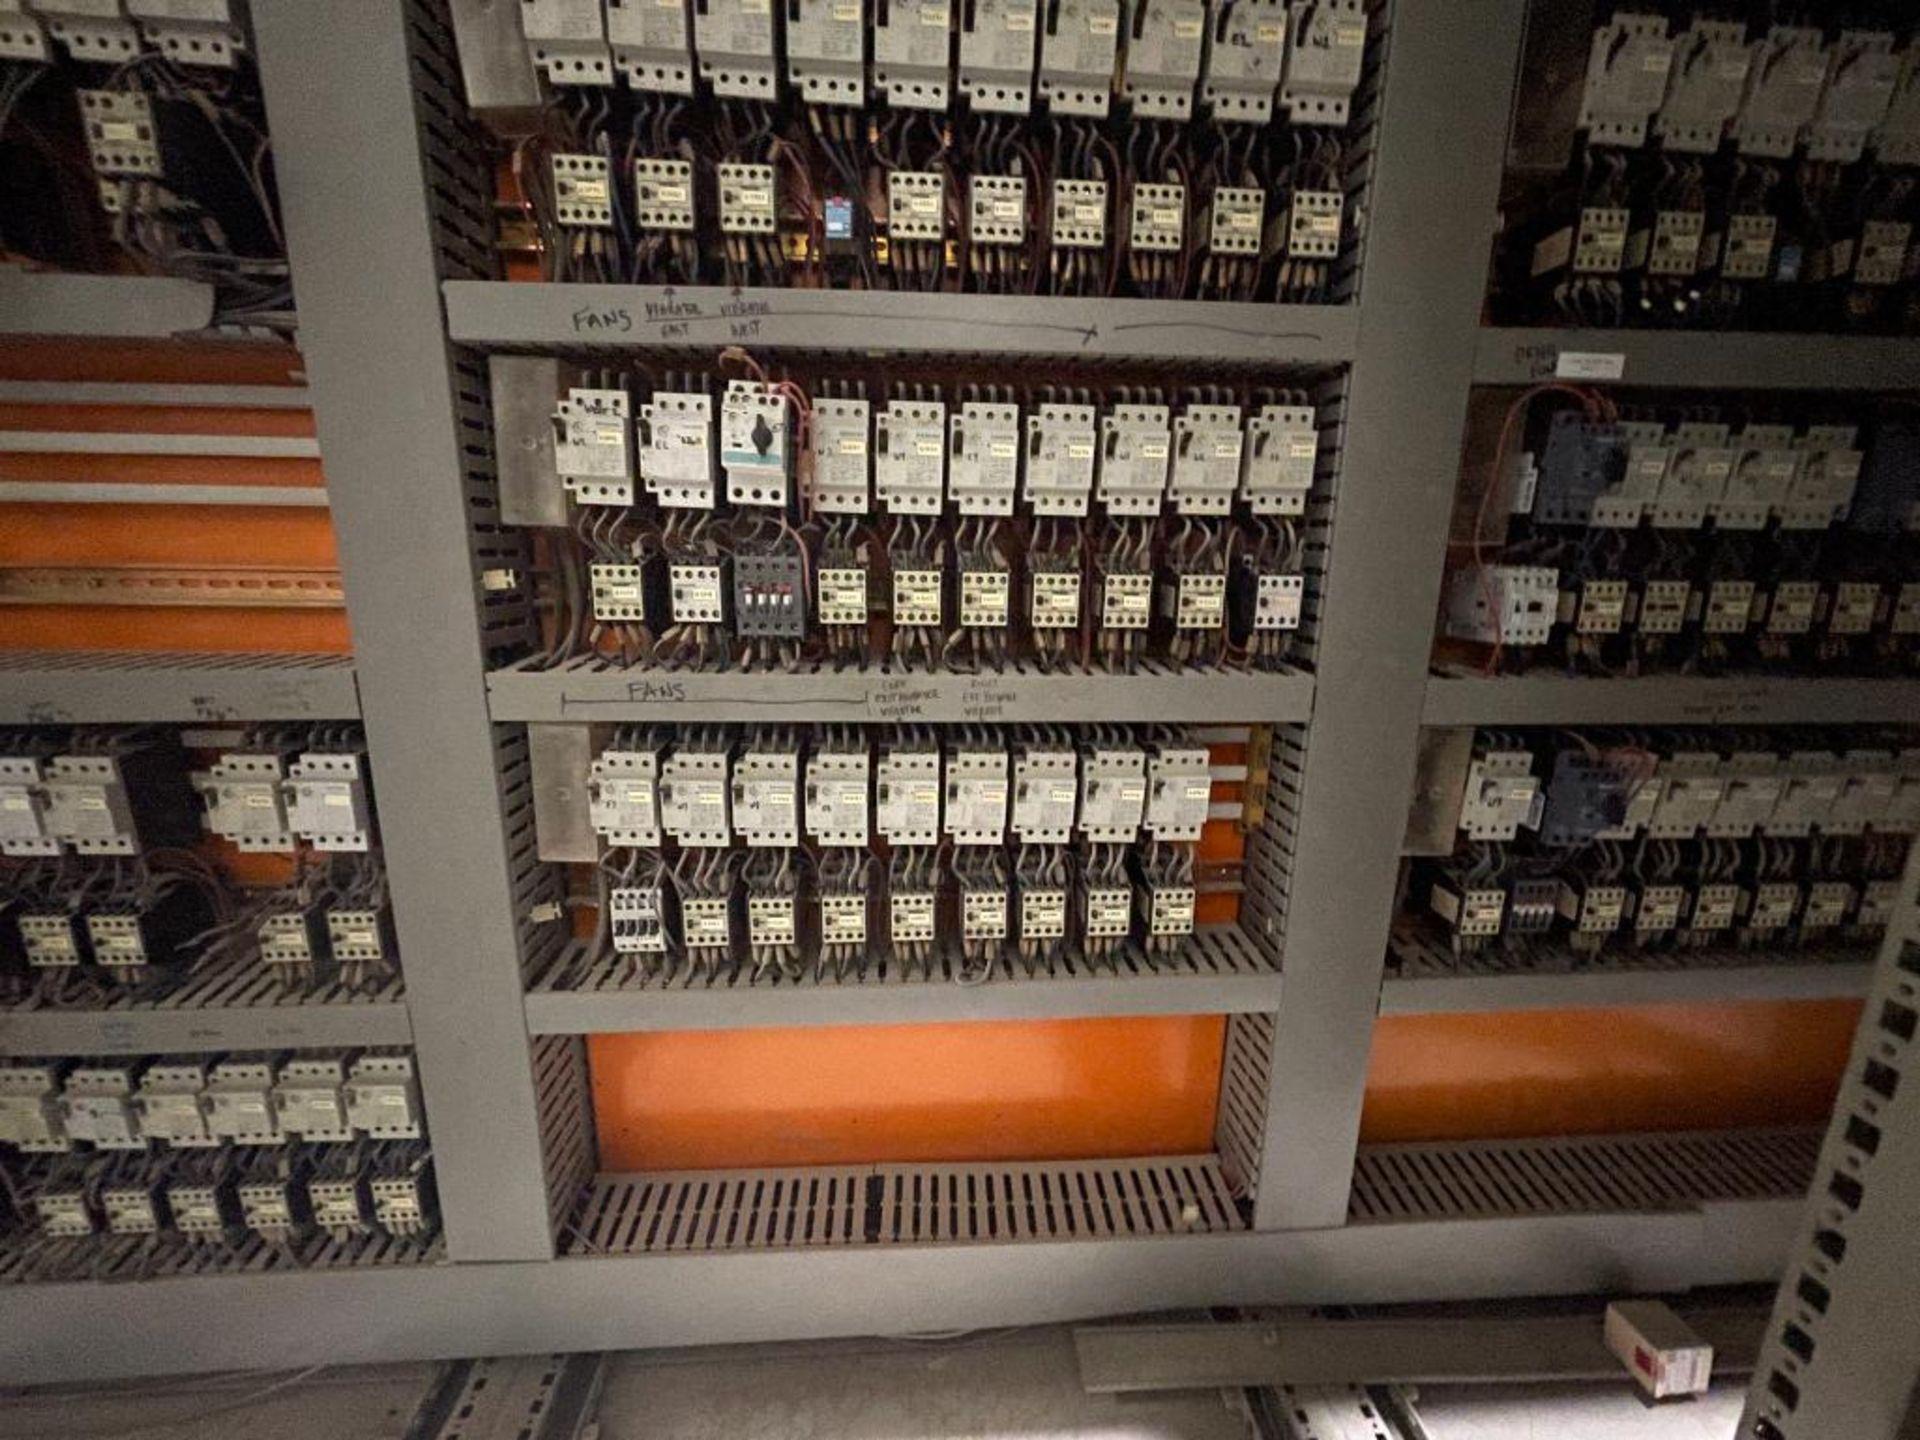 7-door mild steel air conditioned control cabinet, 5-VFD's - Image 31 of 43